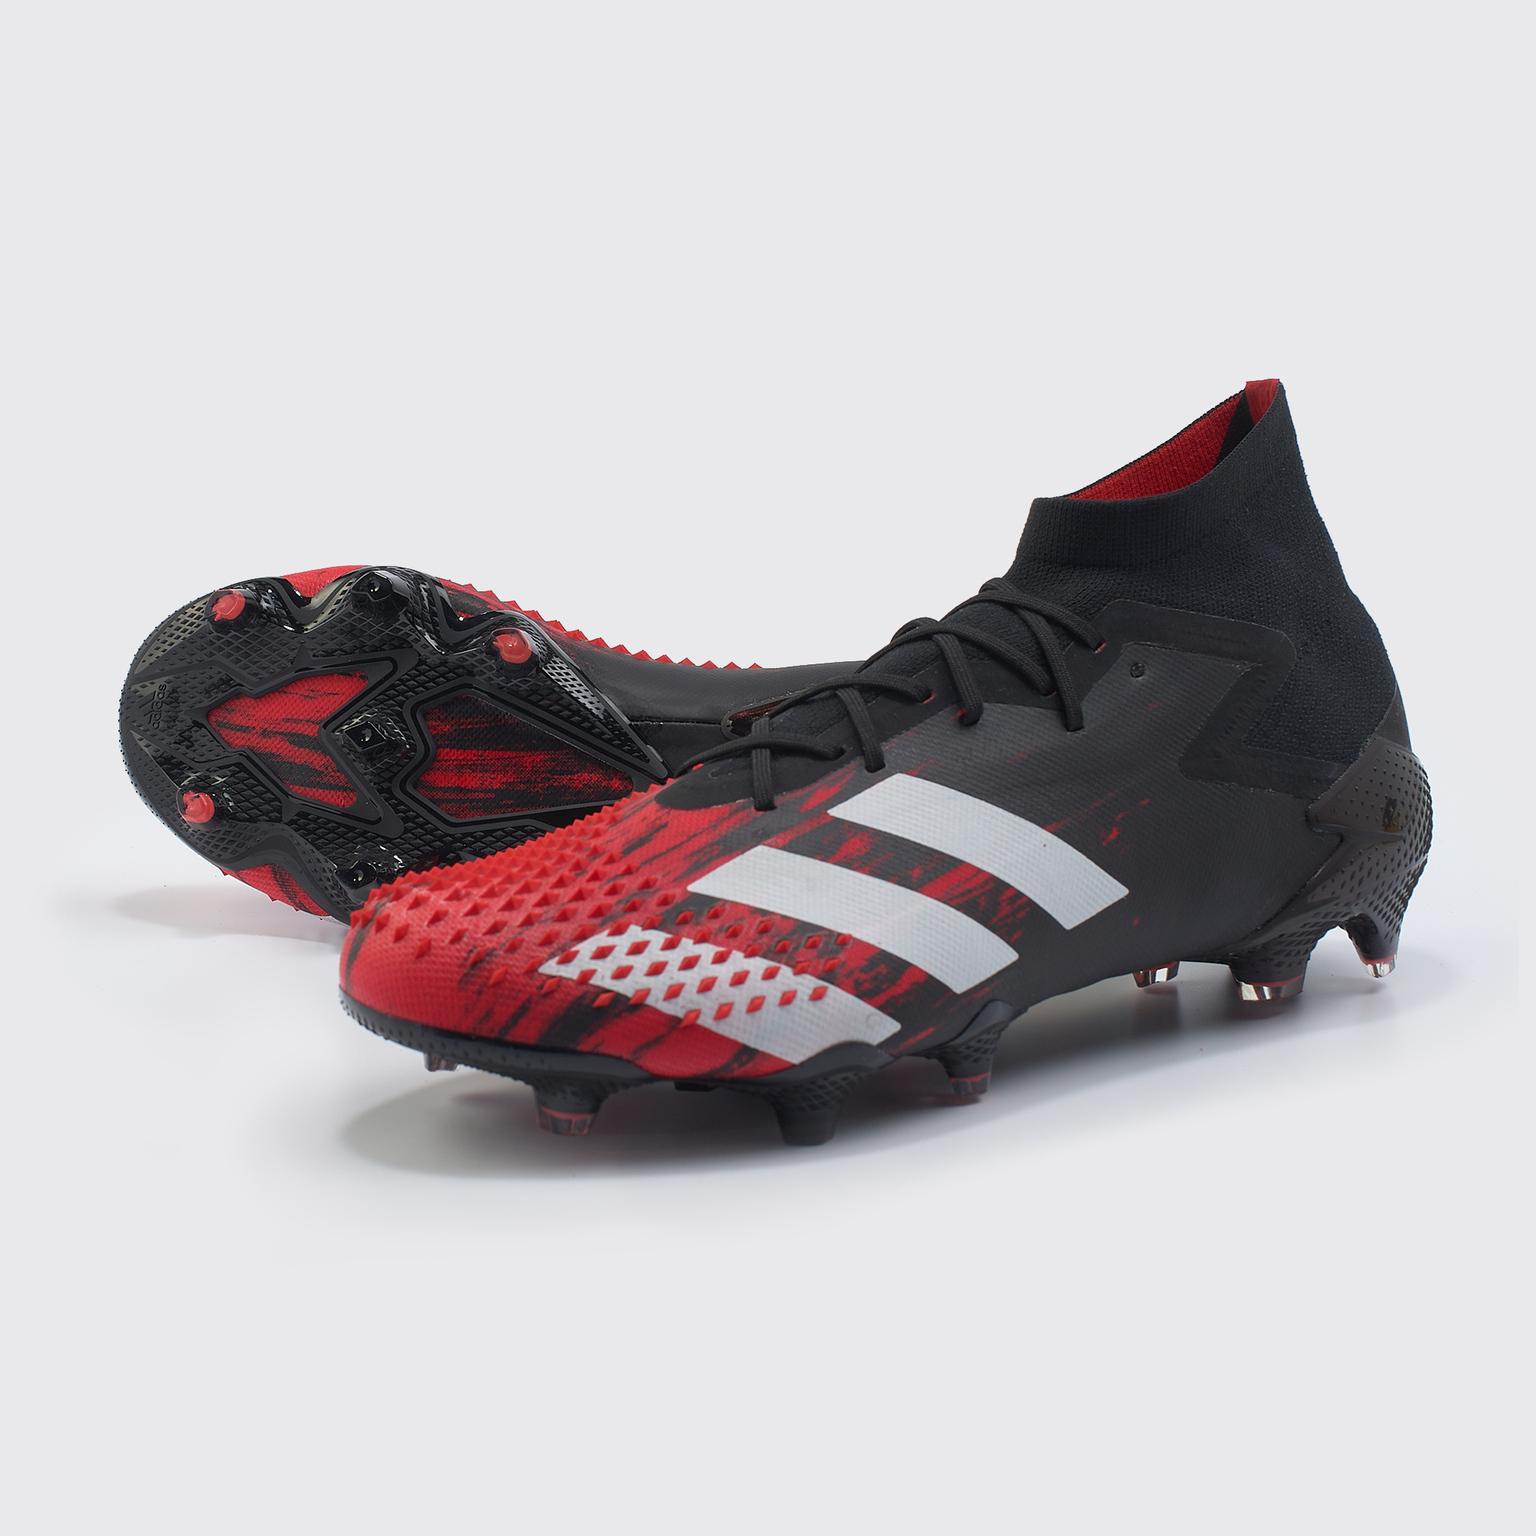 Бутсы Adidas Predator Mutator 20.1 FG EF1629 бутсы adidas predator 18 3 fg db2001